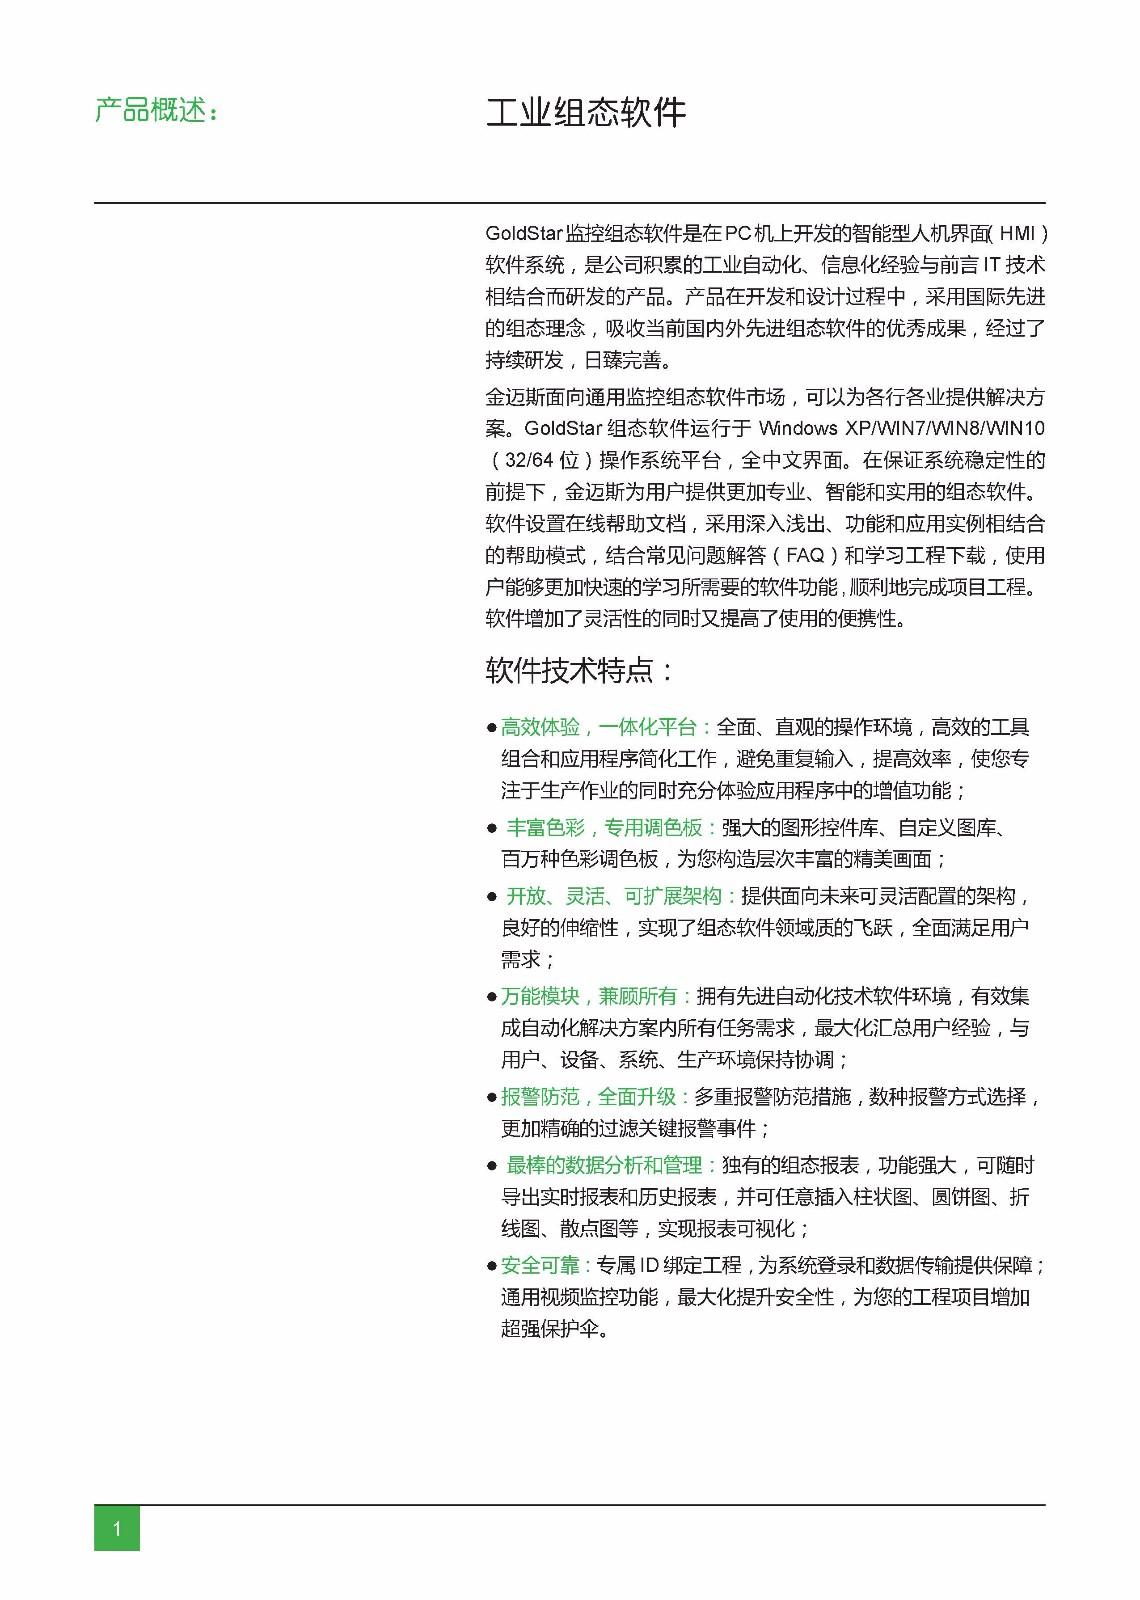 纯组态软件产品介绍_页面_1.jpg